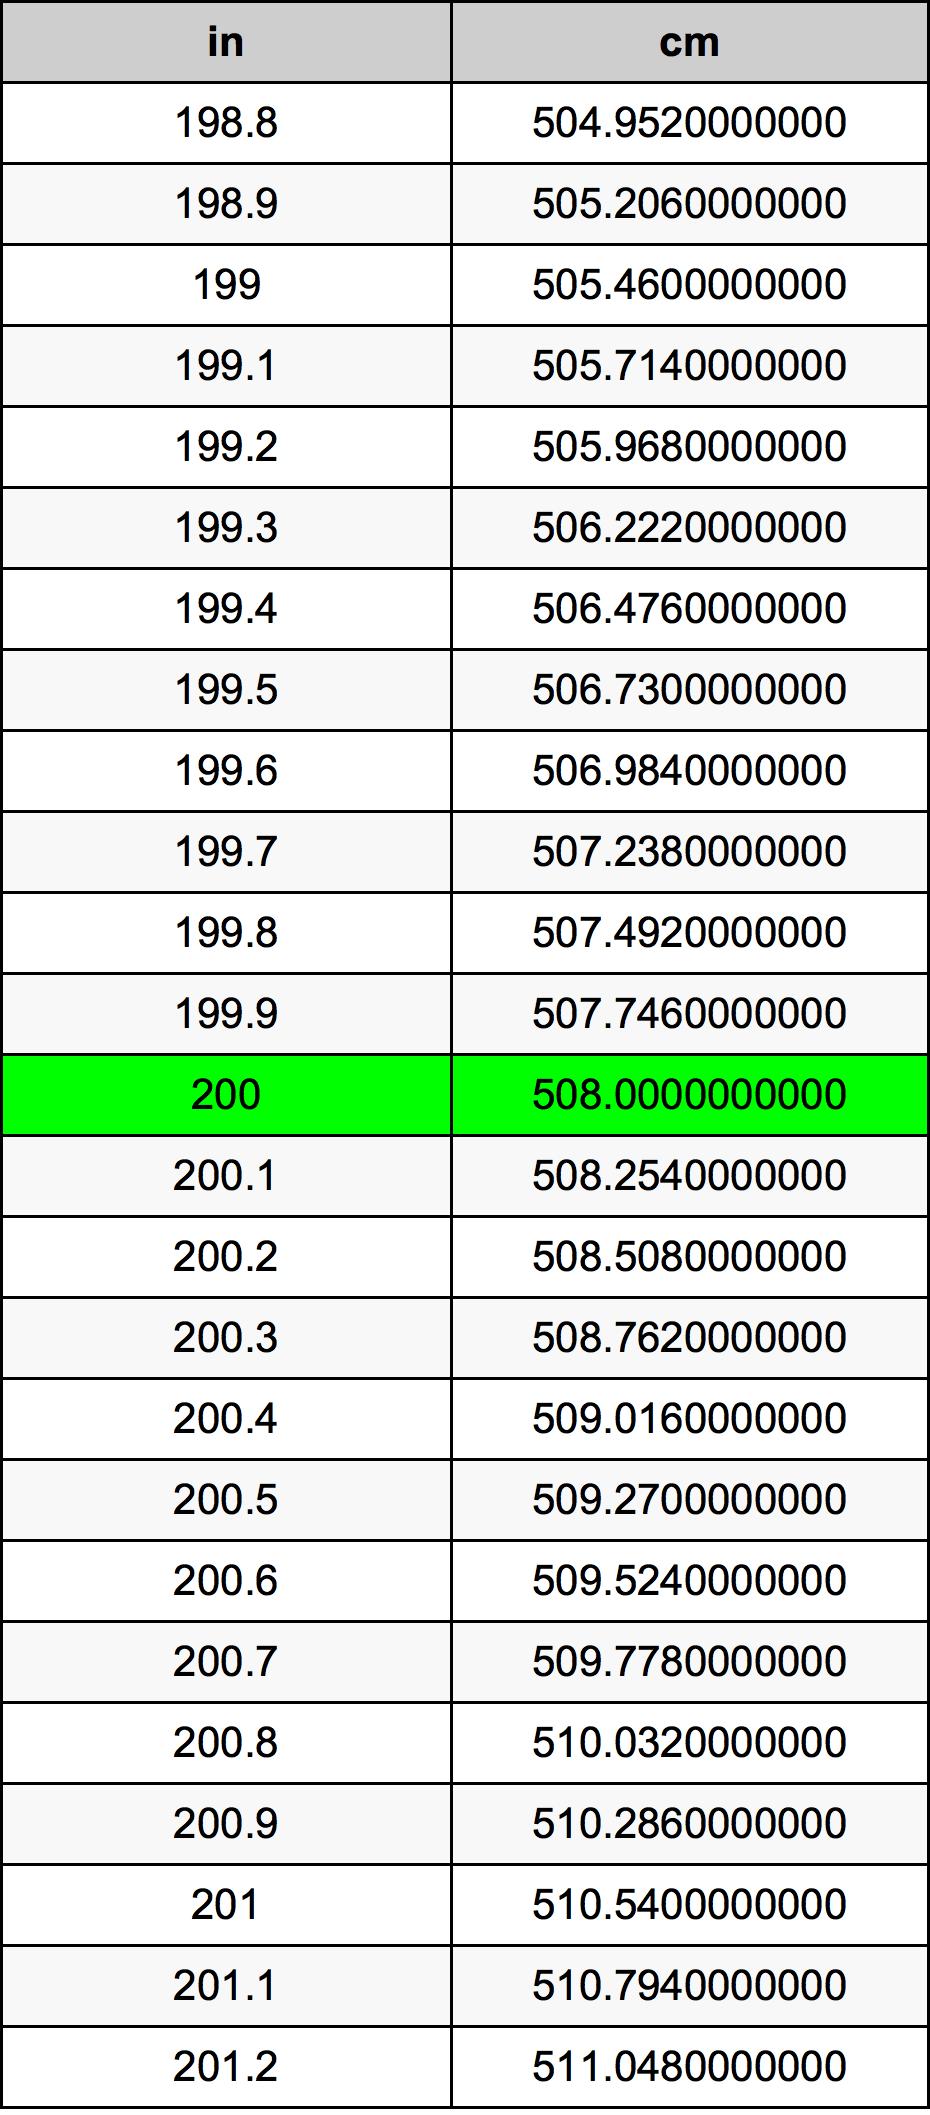 200 Pouces en Centimètres convertisseur d'unités | 200 in en cm convertisseur d'unités